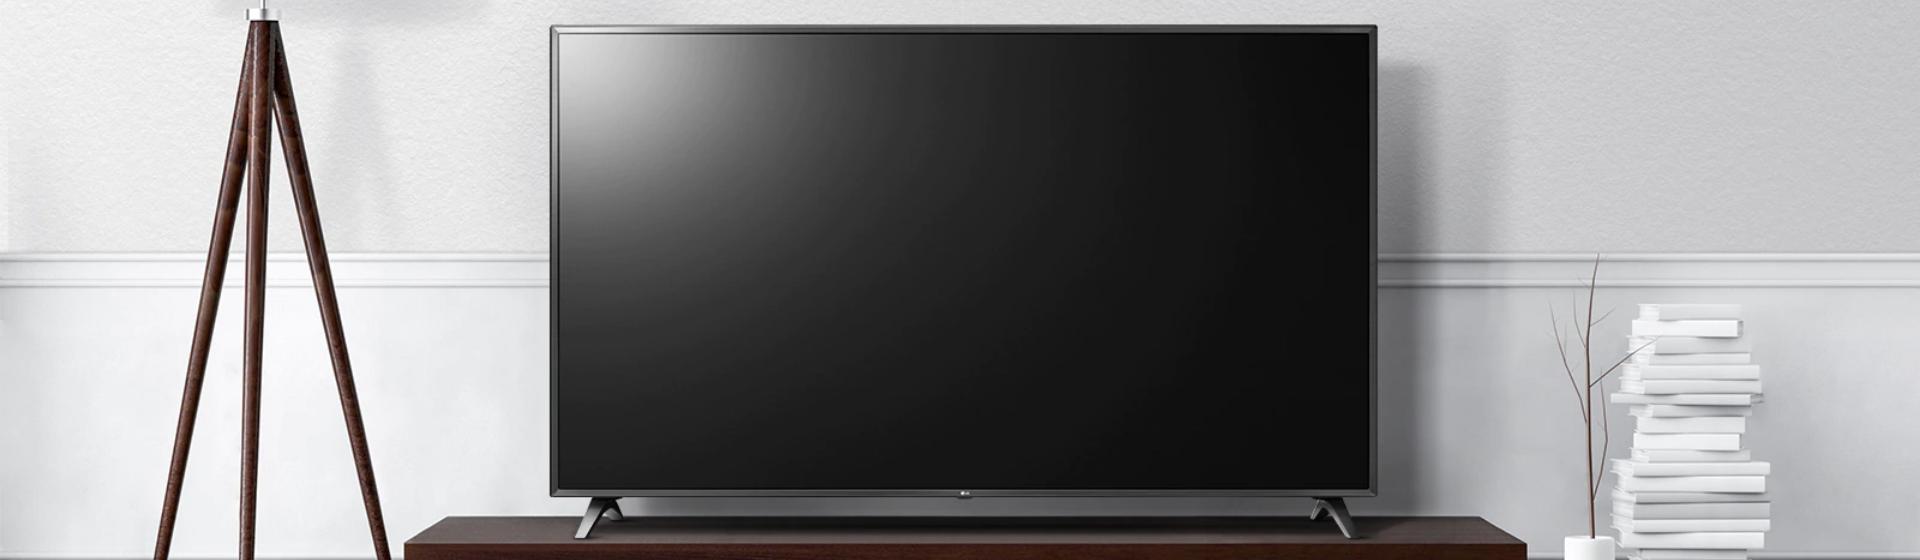 Melhores TVs até R$ 2.000: confira a lista das smart TVs com melhor custo-benefício